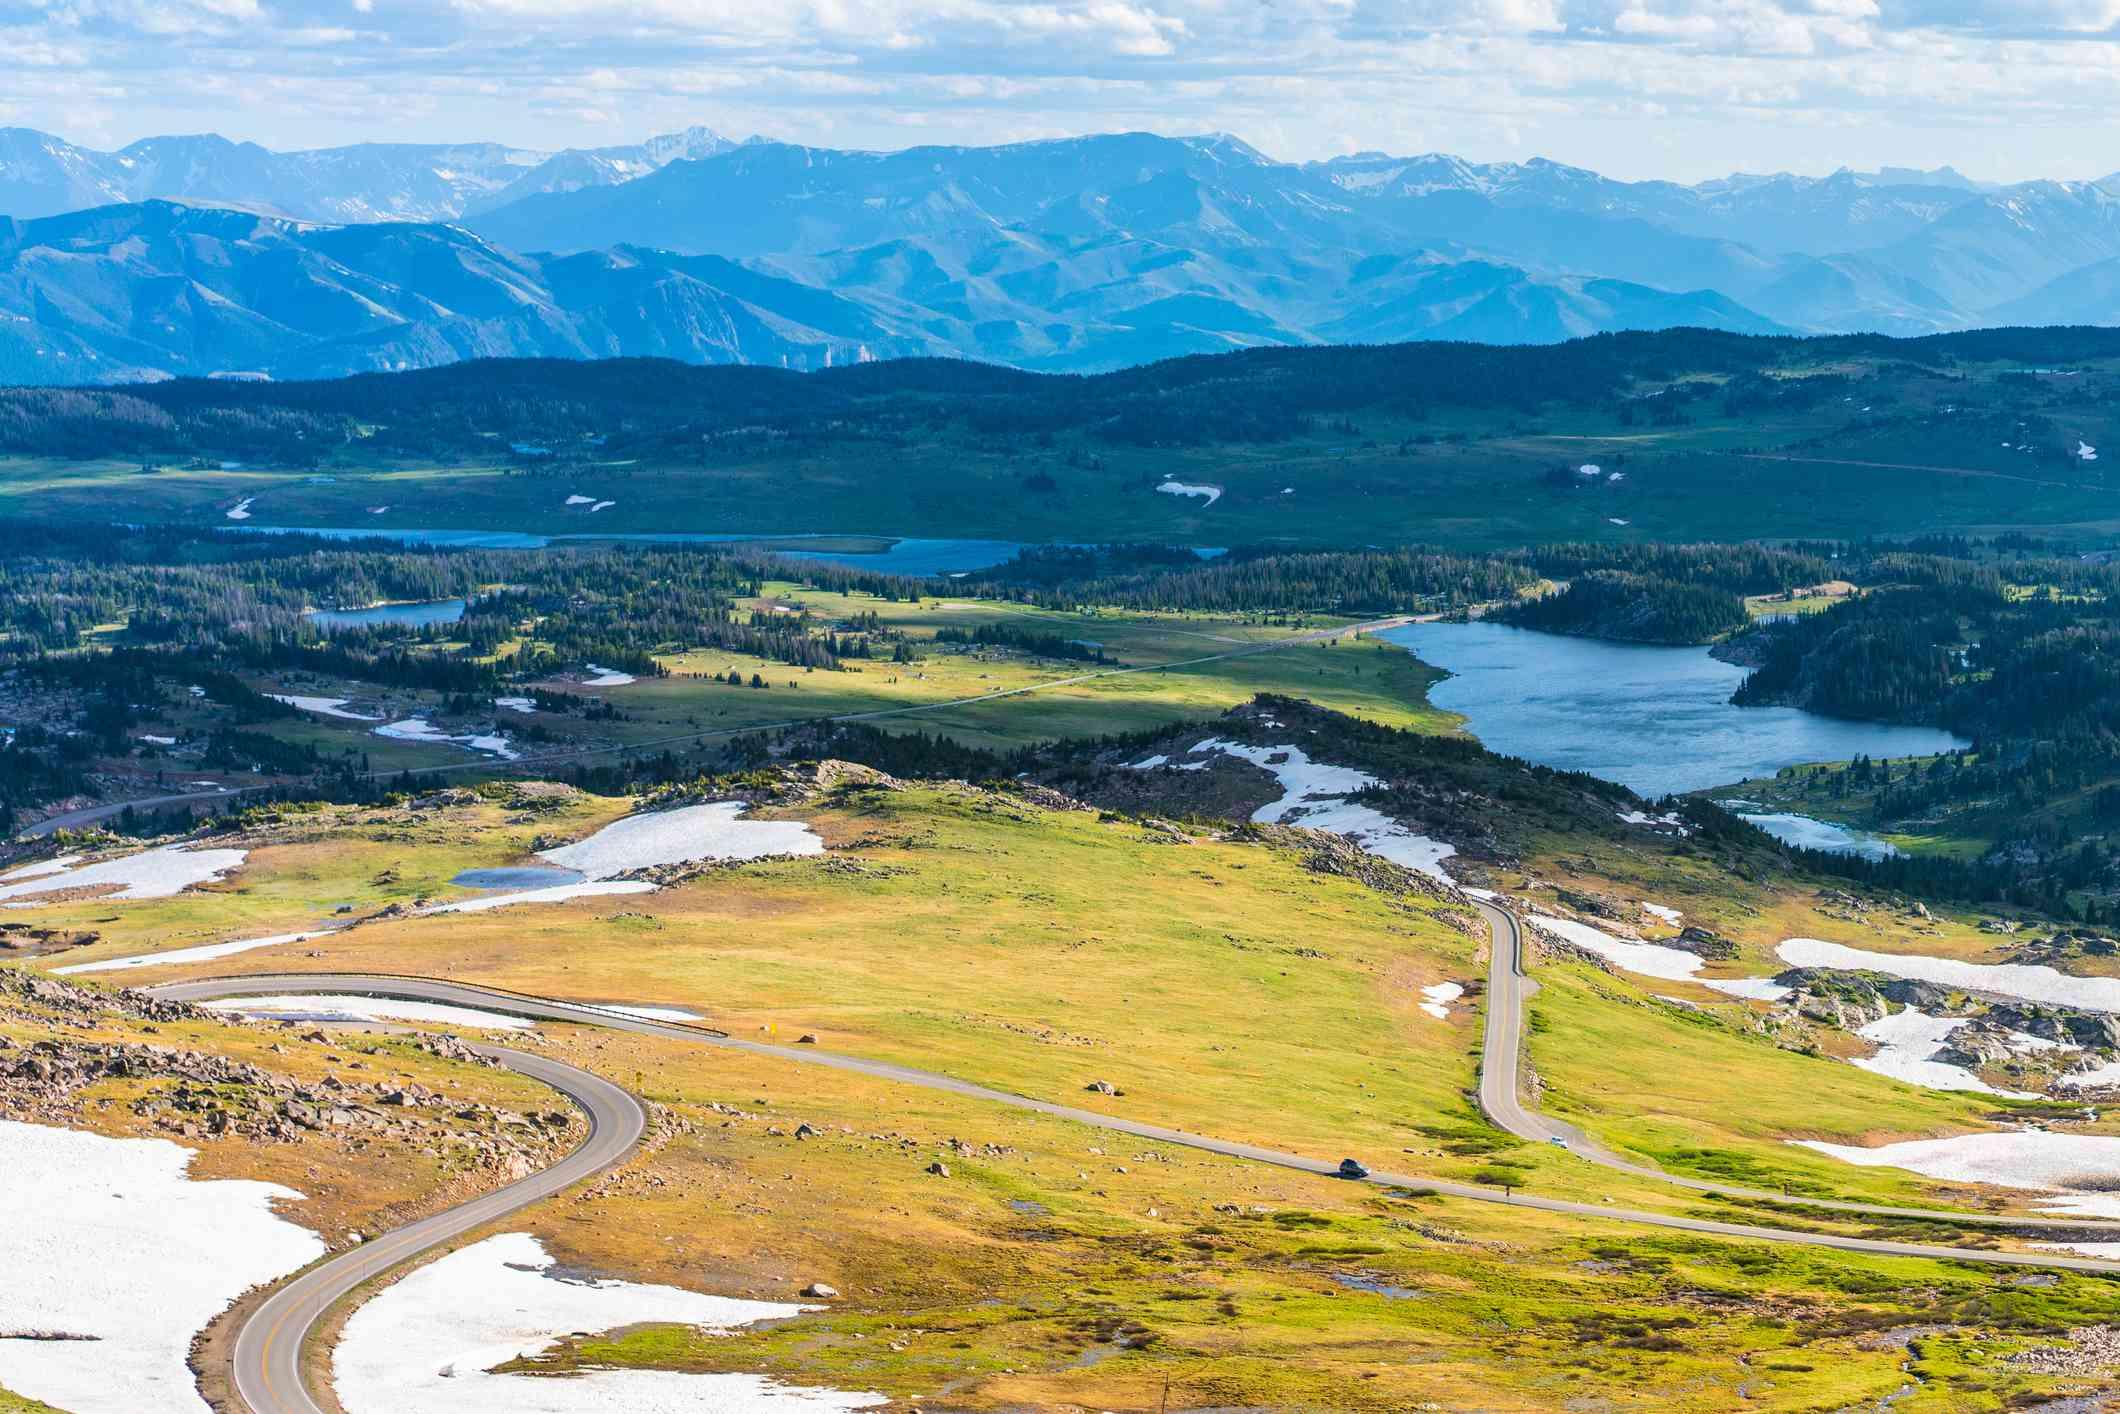 Beartooth Highway snaking through meadows, toward mountains